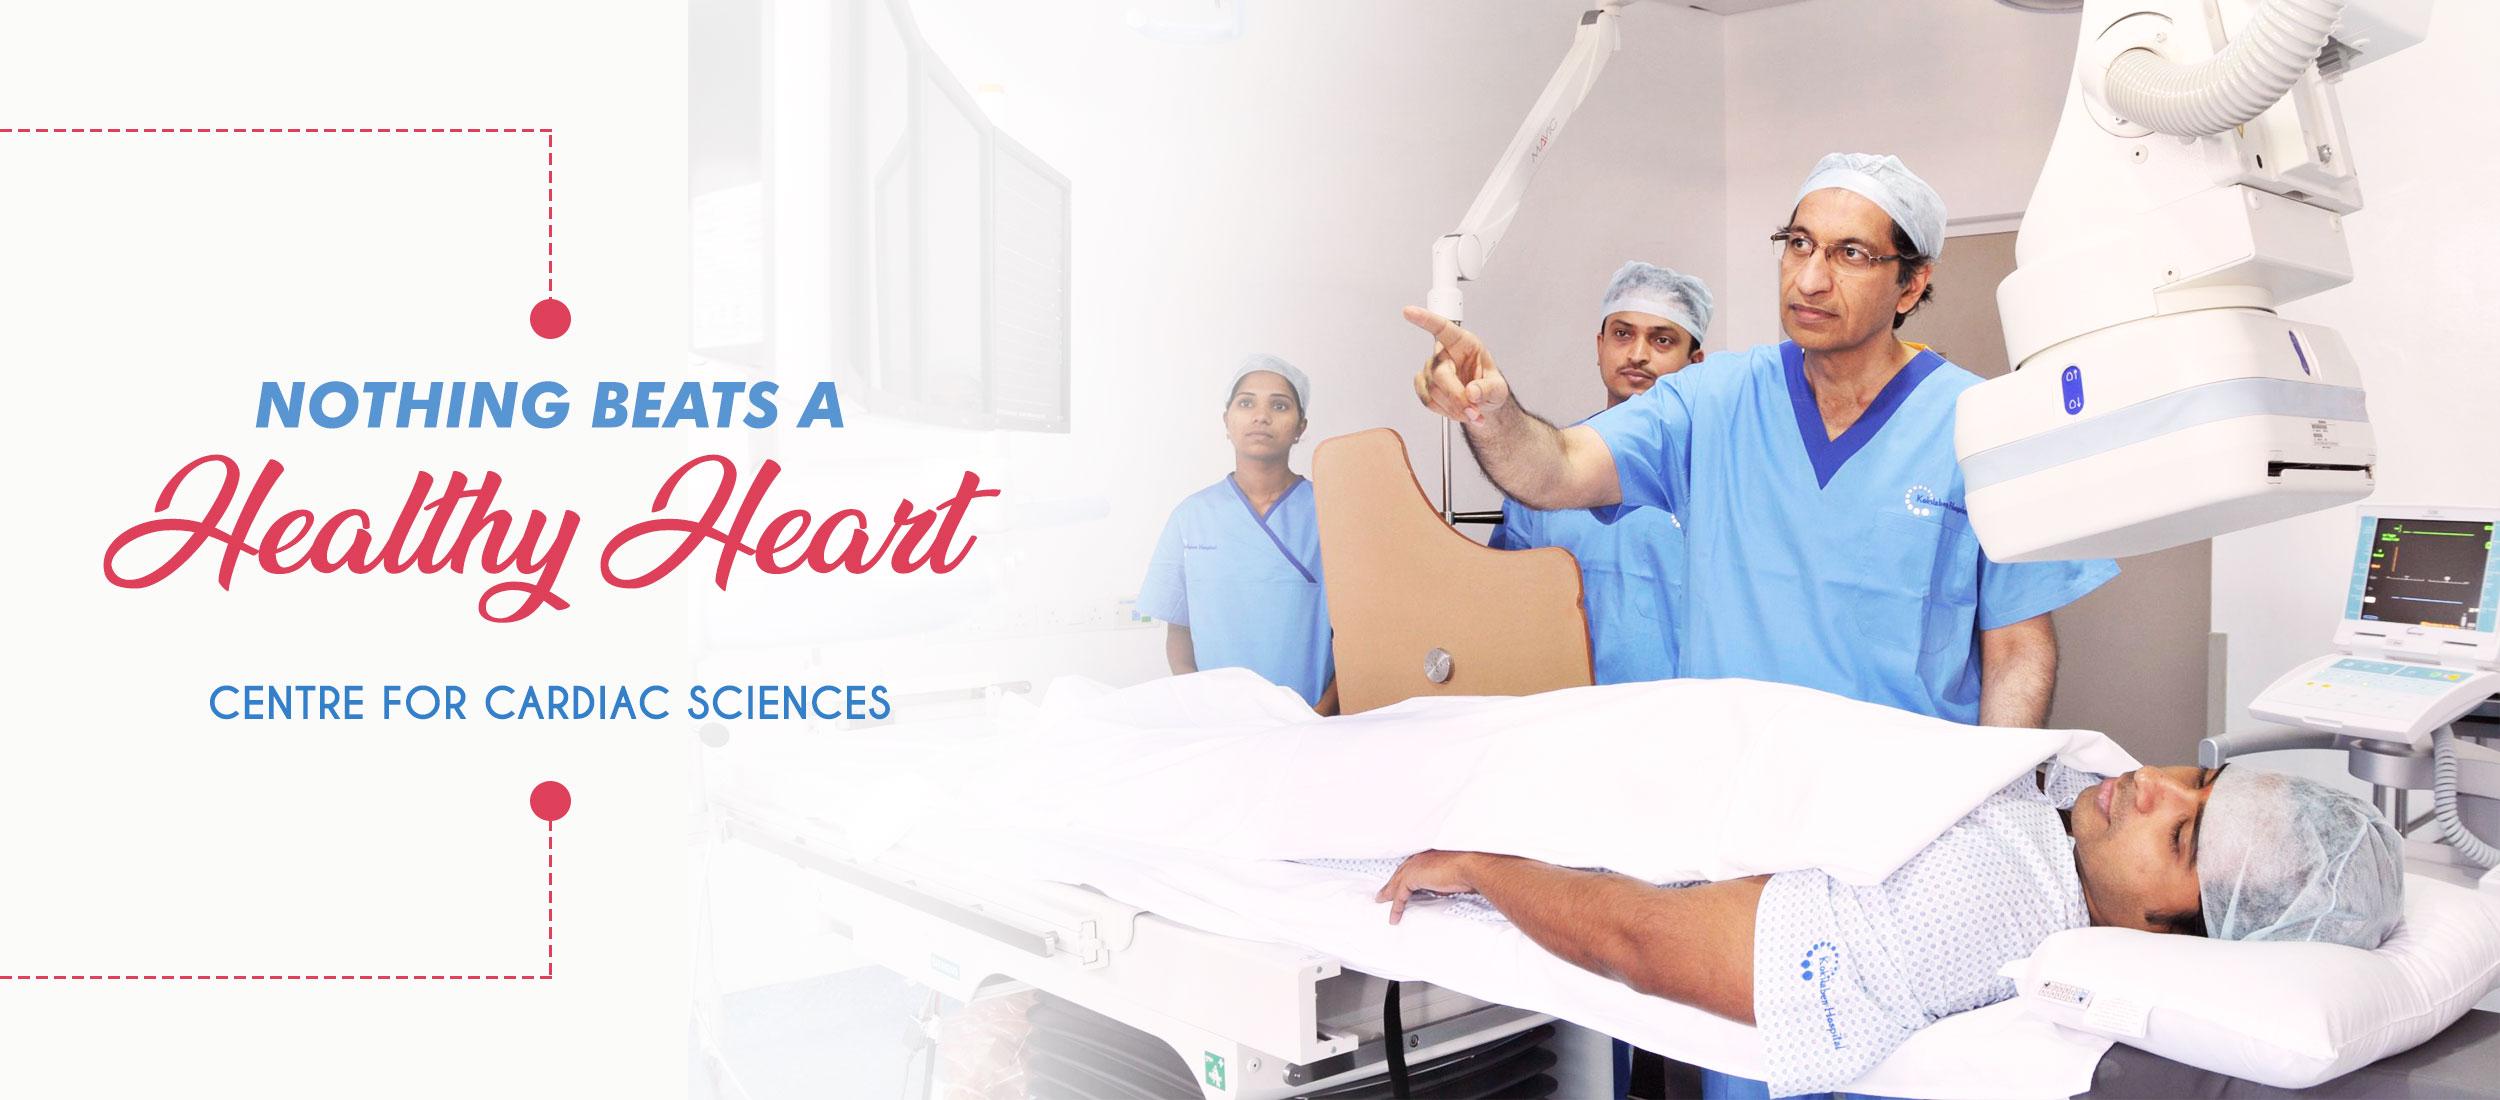 KDAH - Healthy Heart Centre For Cardiac Sciences